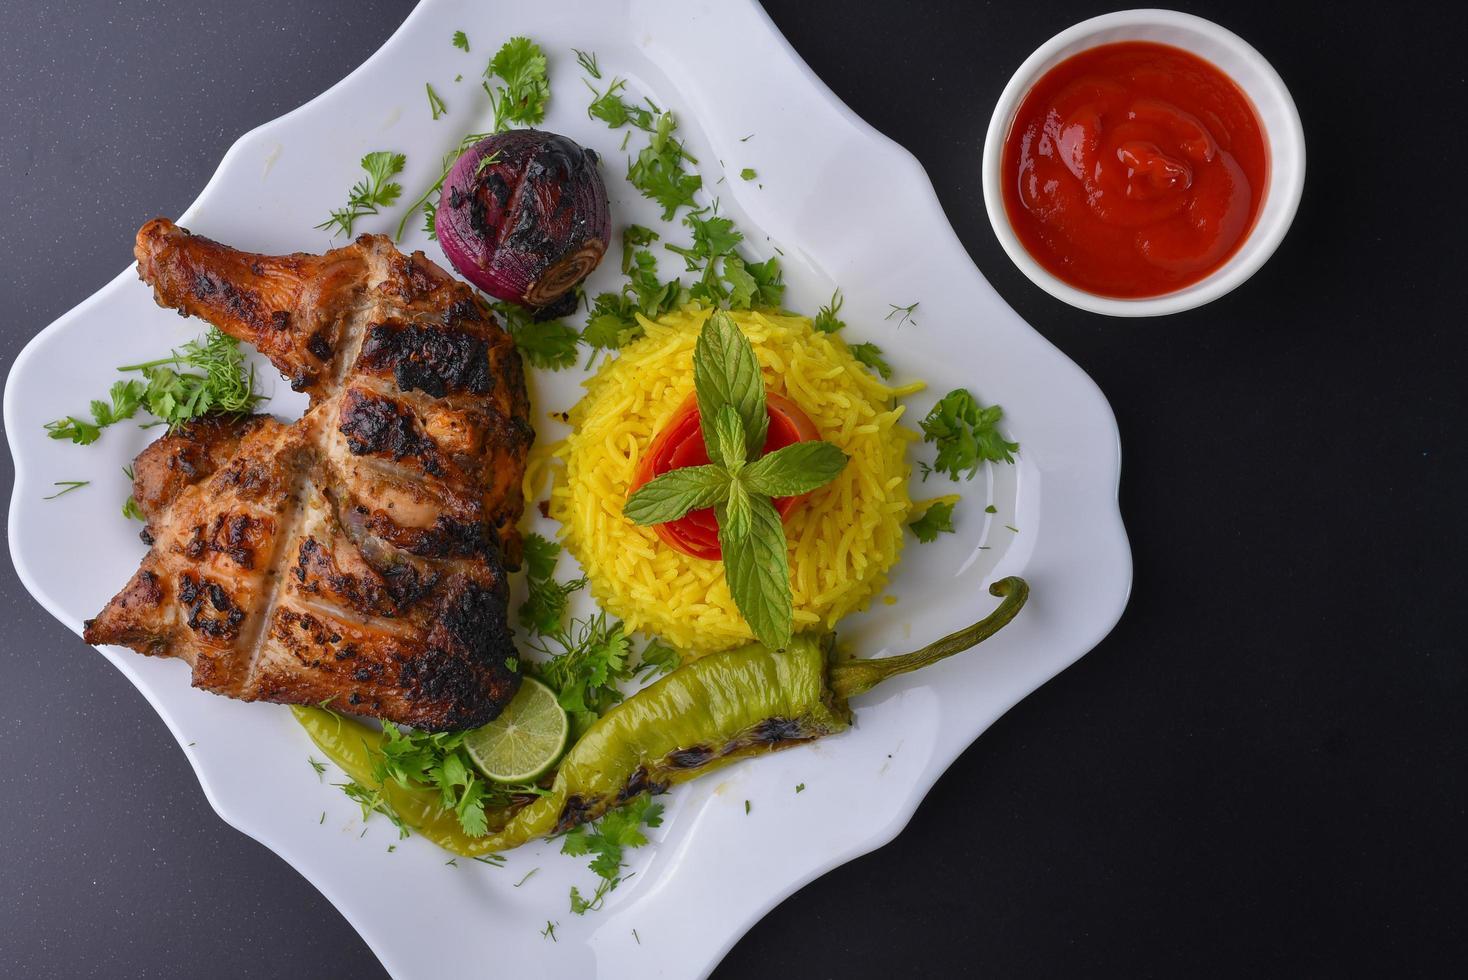 repas de poulet grillé photo